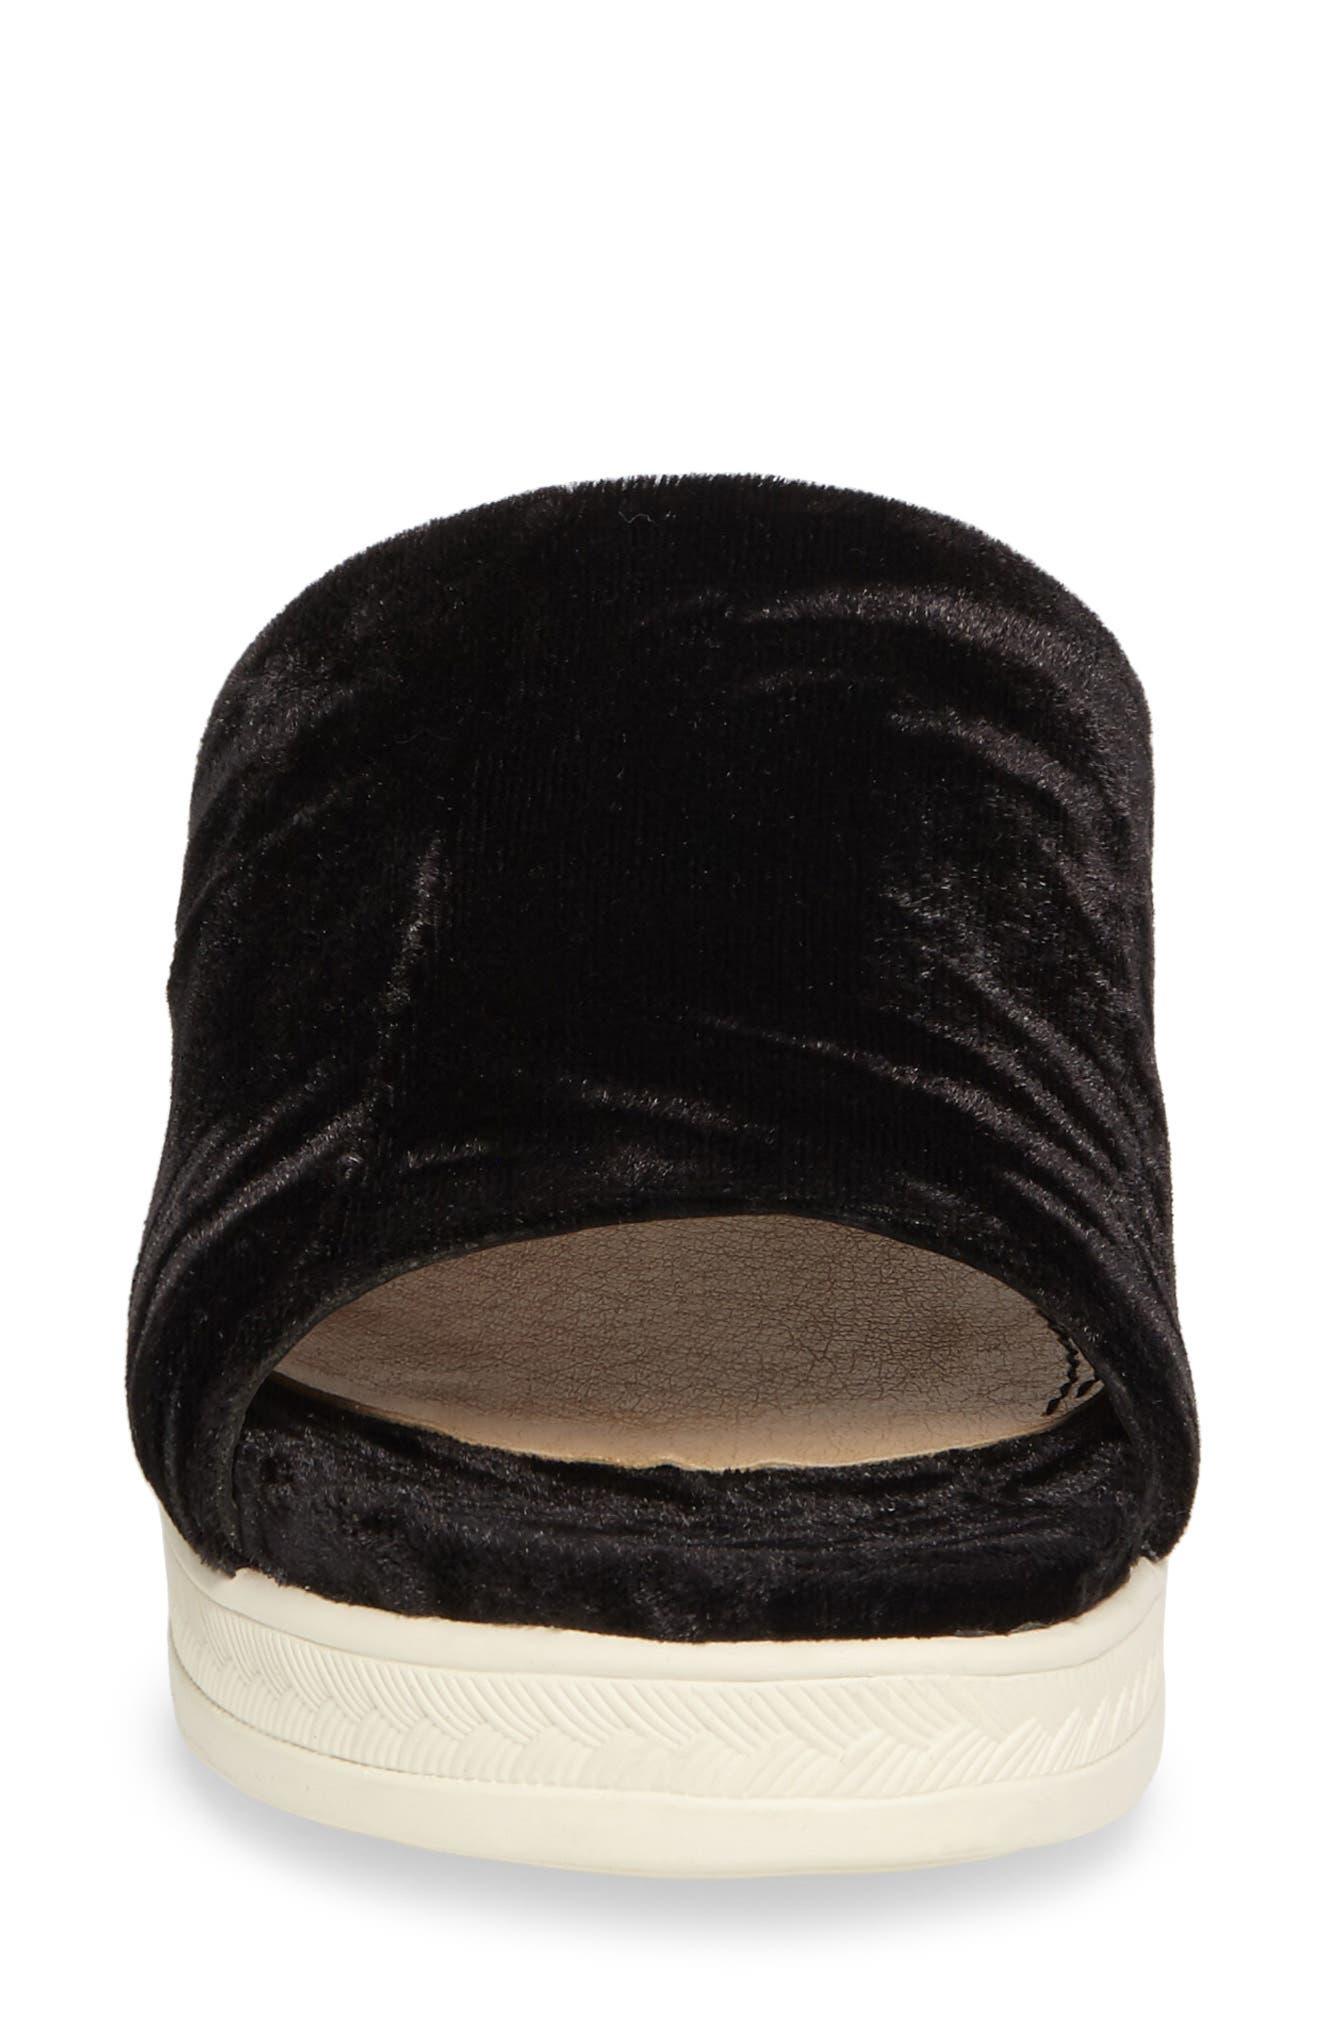 Darla Slide Sandal,                             Alternate thumbnail 4, color,                             006